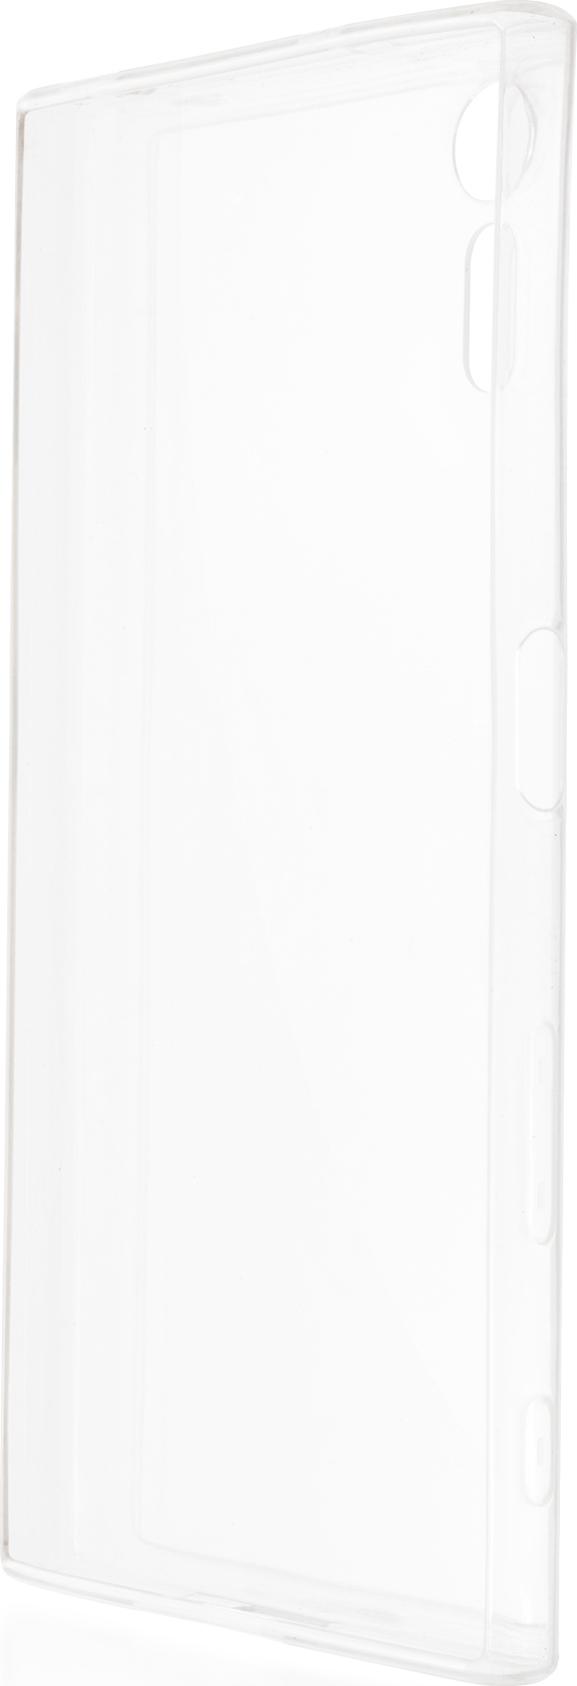 Чехол Brosco TPU для Sony Xperia XZ, прозрачный